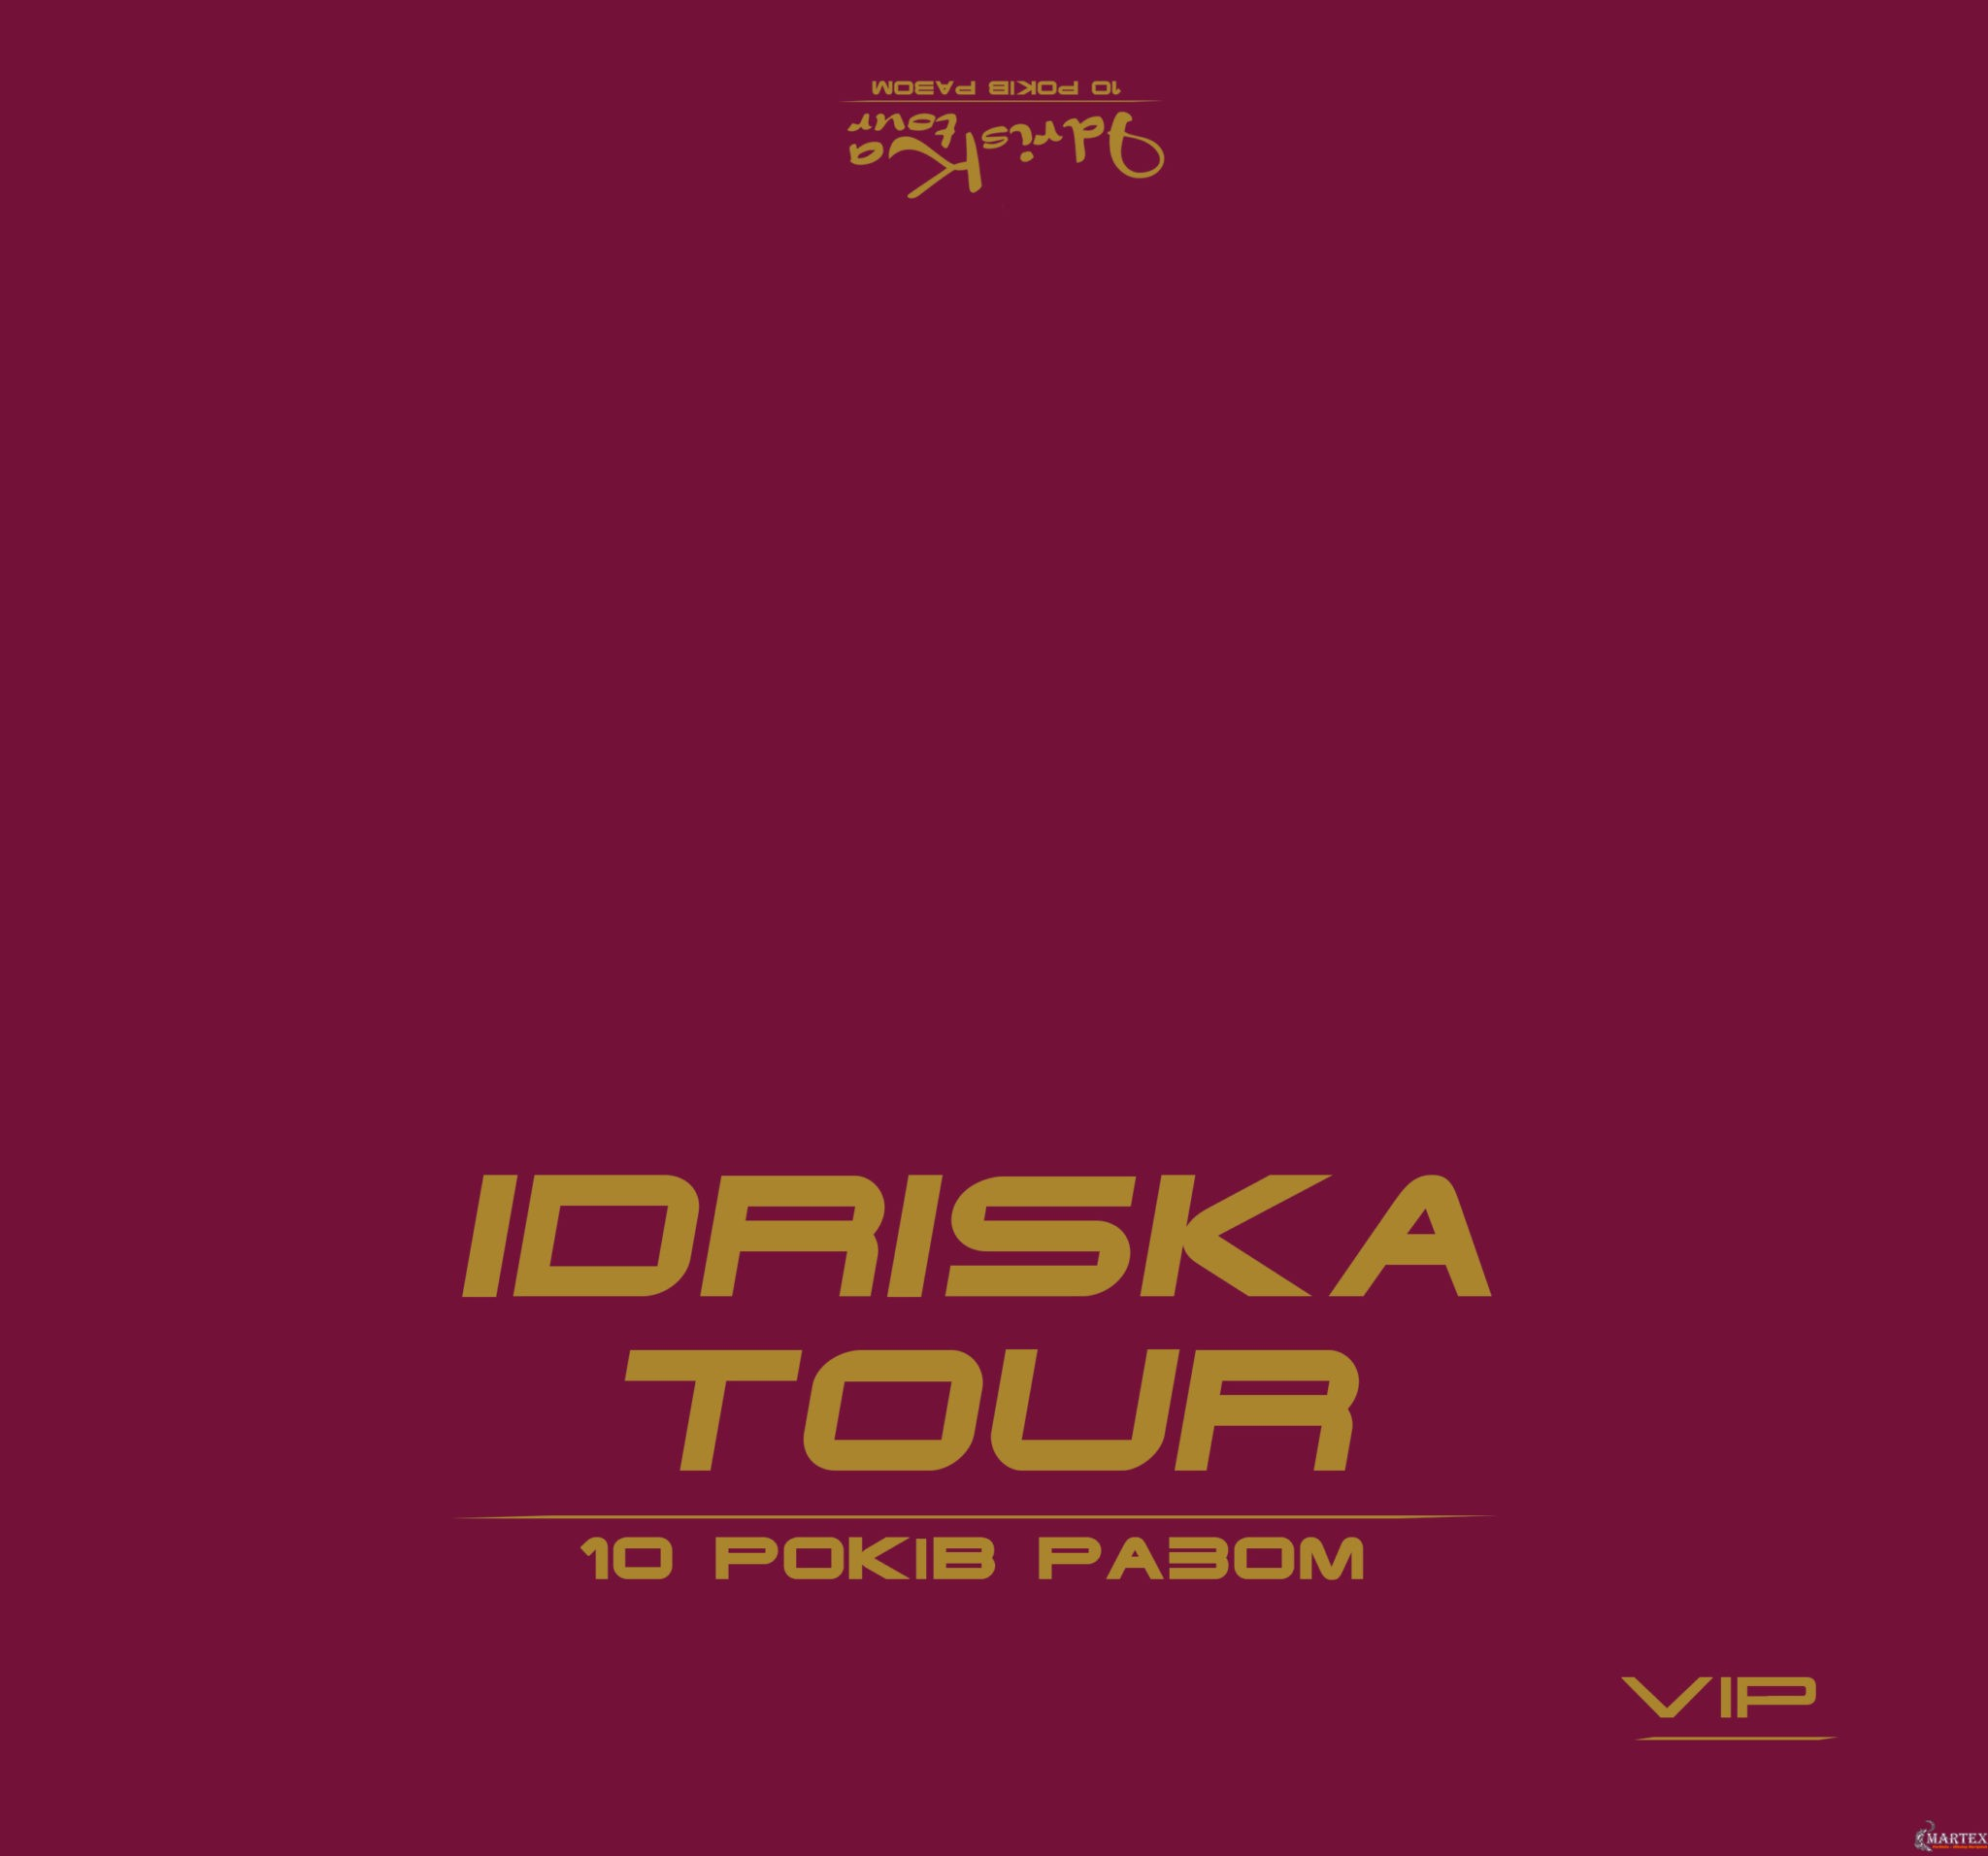 Пригласительные на юбилей компании Idriska-tour